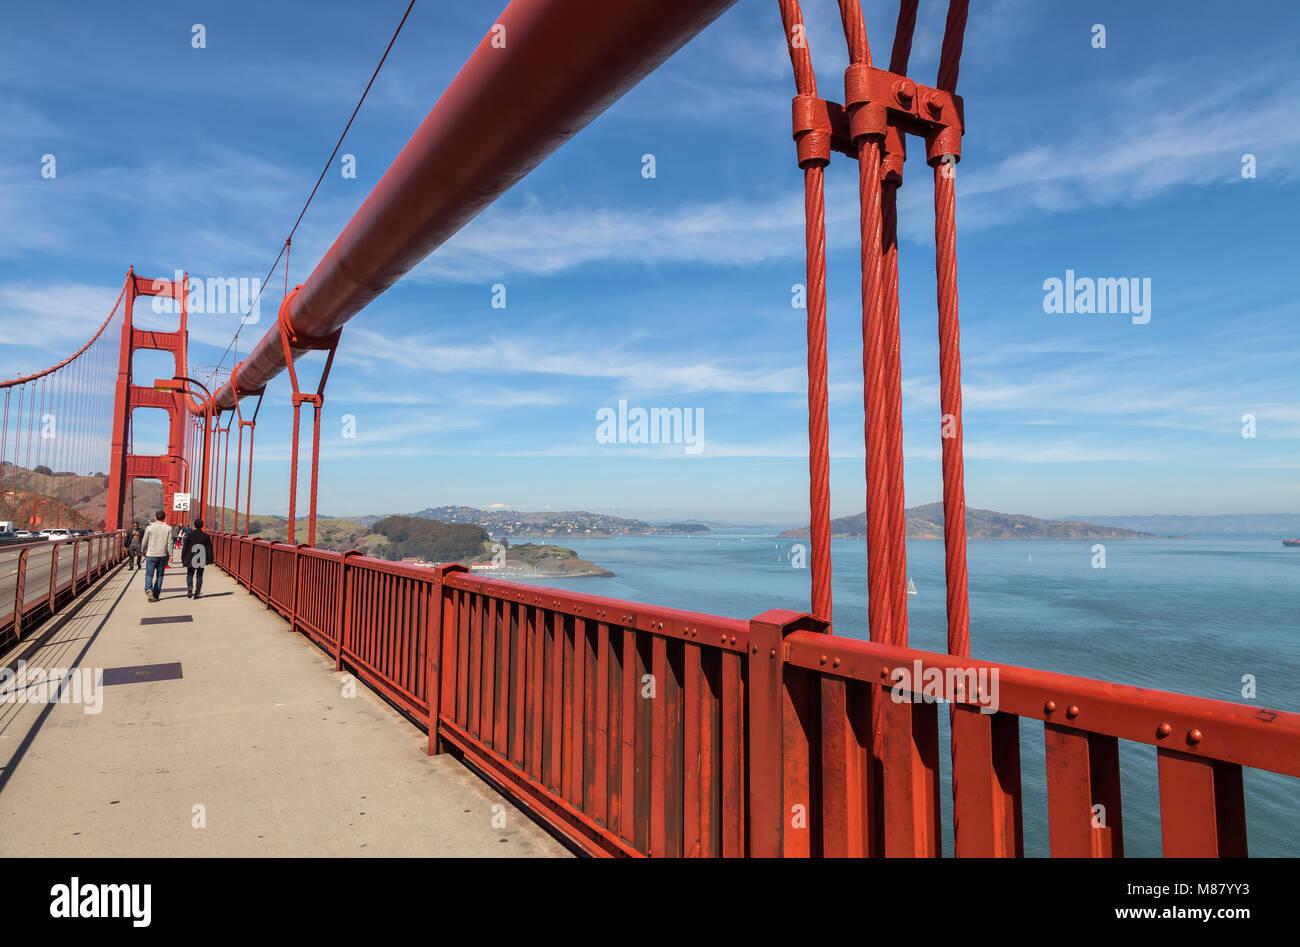 Golden Gate Bridge und der Fußgänger, mit Blick auf die Bucht von San Francisco, California, United States. Stockbild